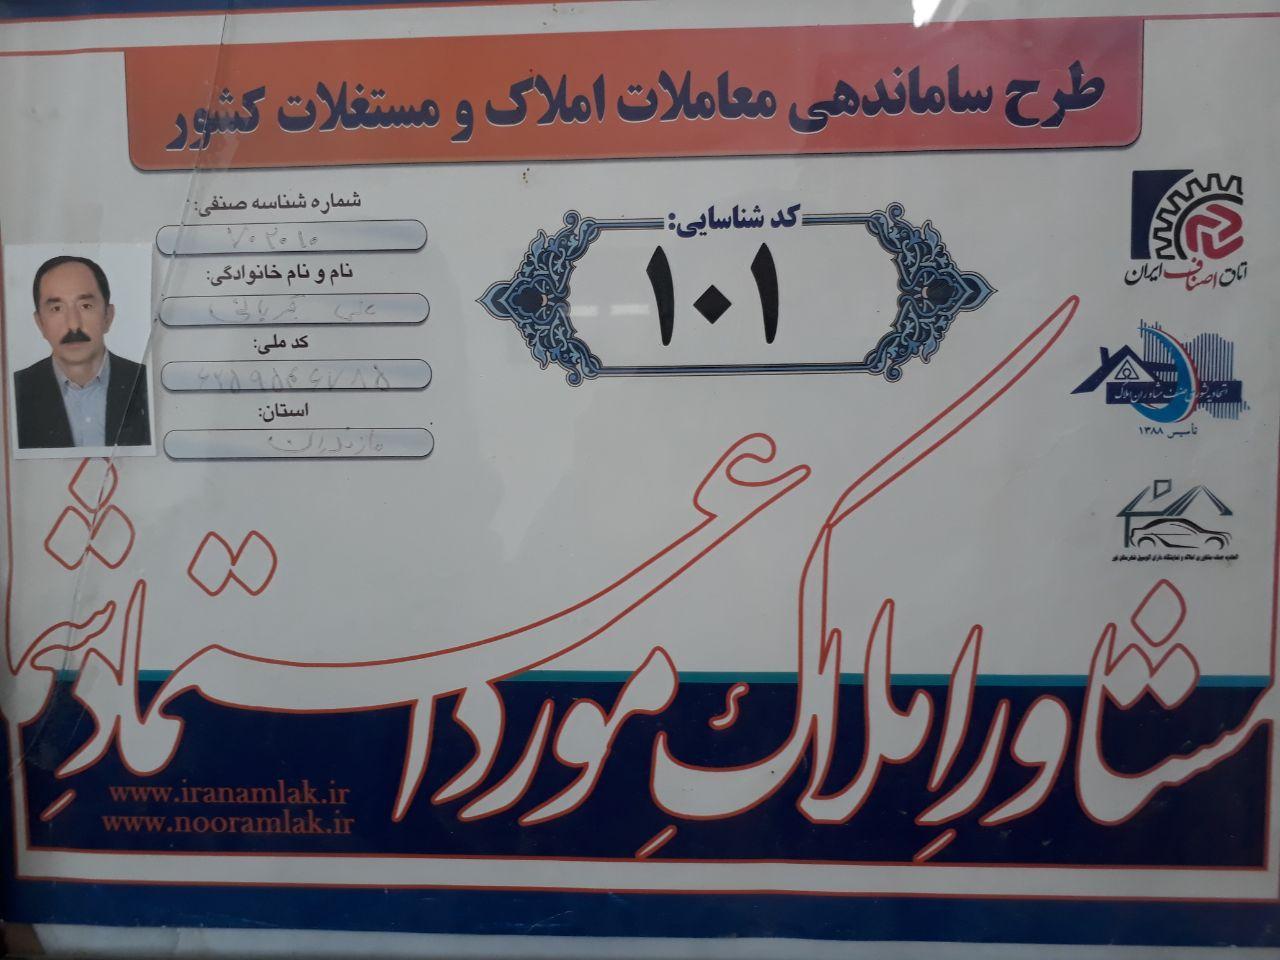 پروانه کسب املاک نگین نور